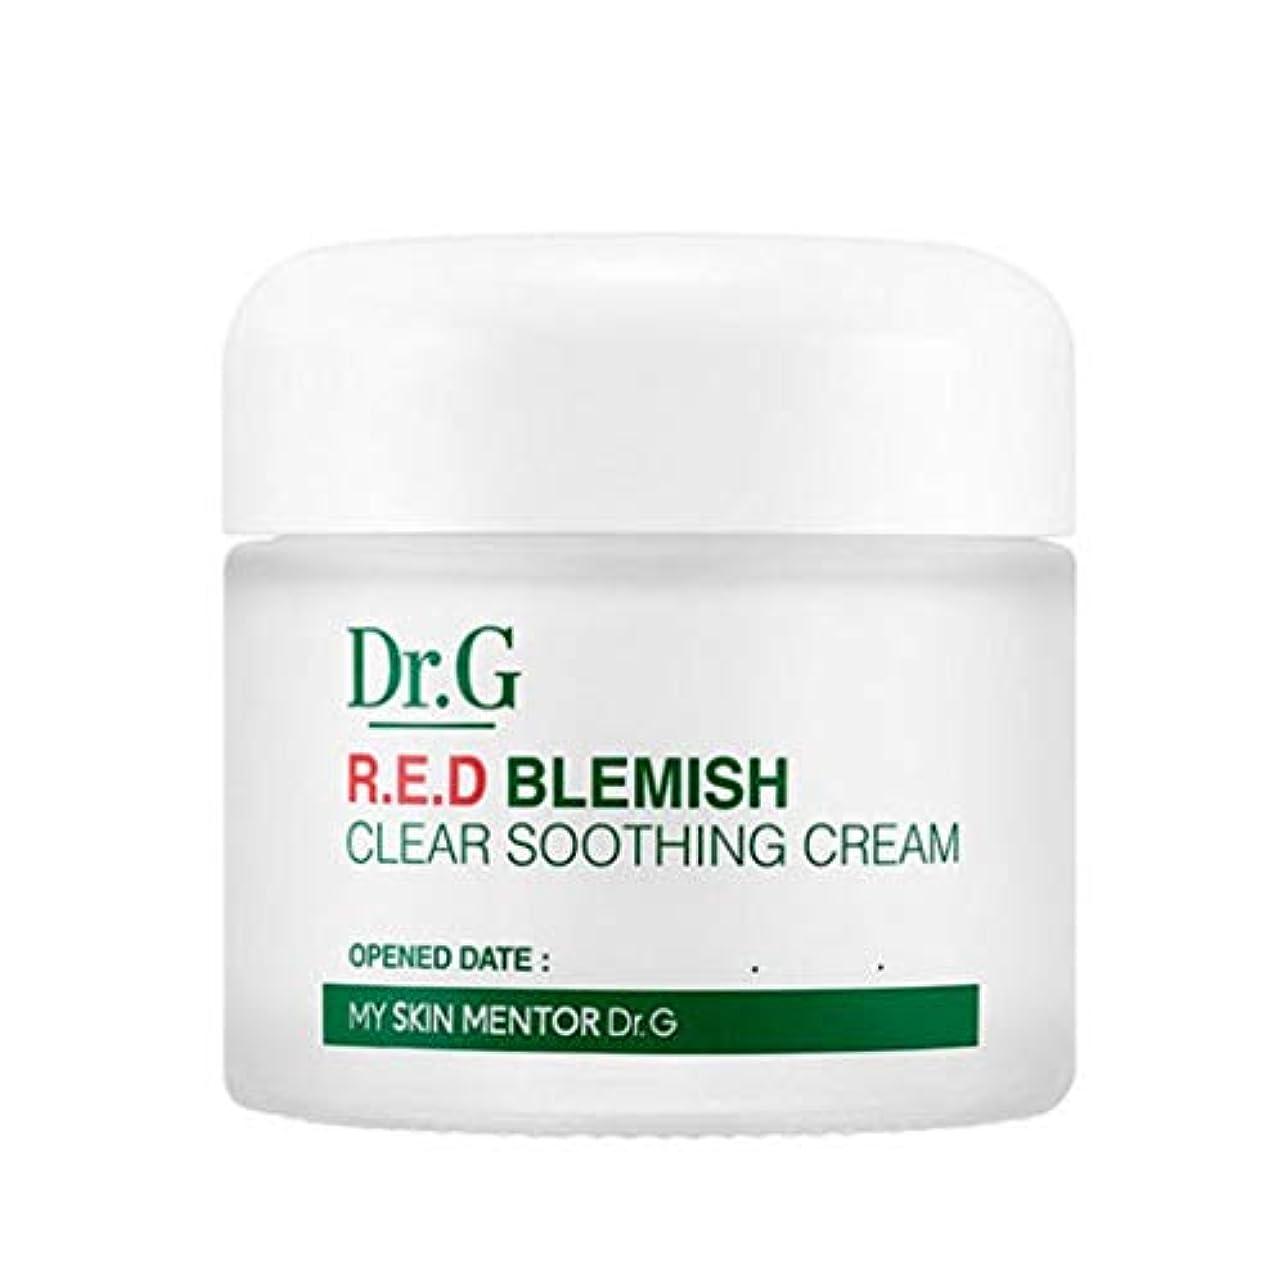 発送火傷キラウエア山ドクターGレッドブレミッシュクリアスージングクリーム70ml水分クリーム、Dr.G Red Blemish Clear Soothing Cream 70ml Moisturizing Cream [並行輸入品]